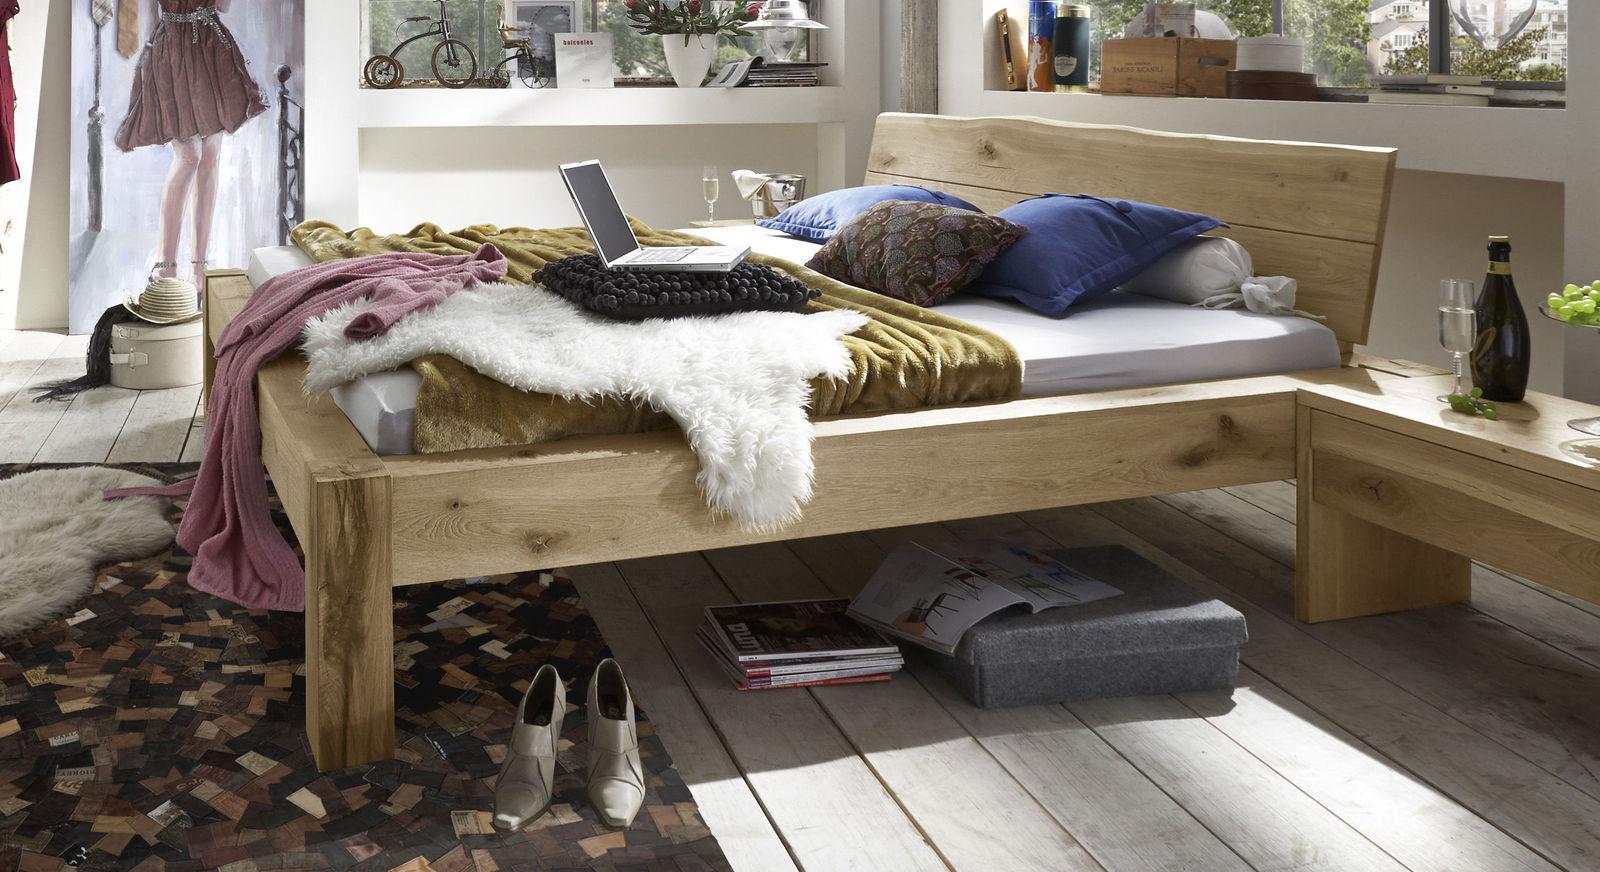 Full Size of Stilvolle Betten Im Landhausstil Test Und Vergleich 2020 Bett Betten.de